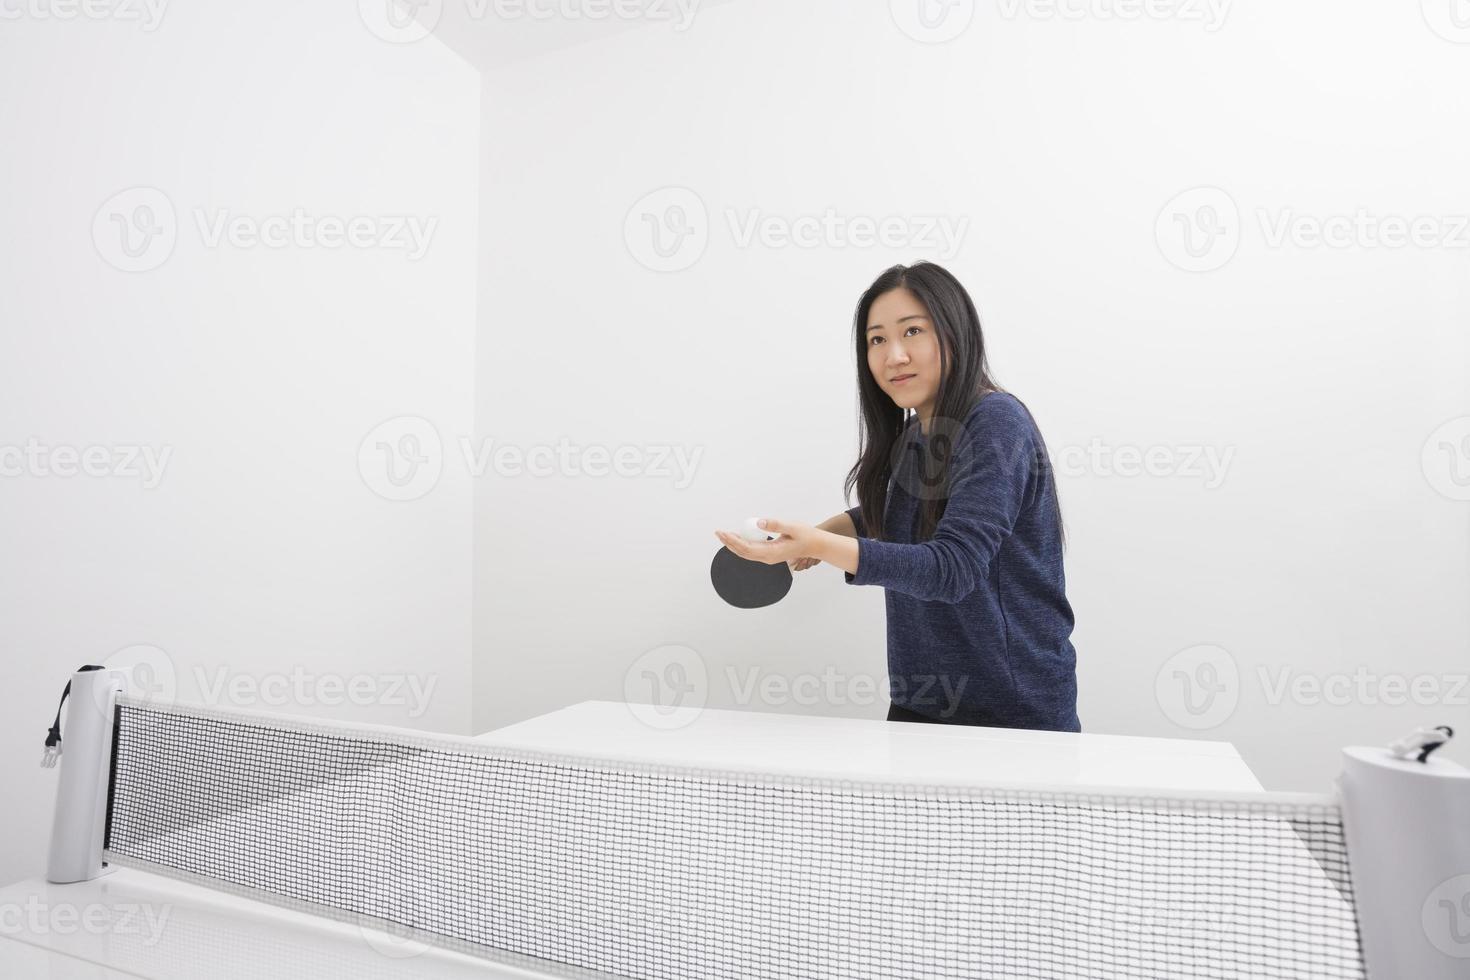 schöne junge Frau, die bereit ist, Tischtennisball zu dienen foto